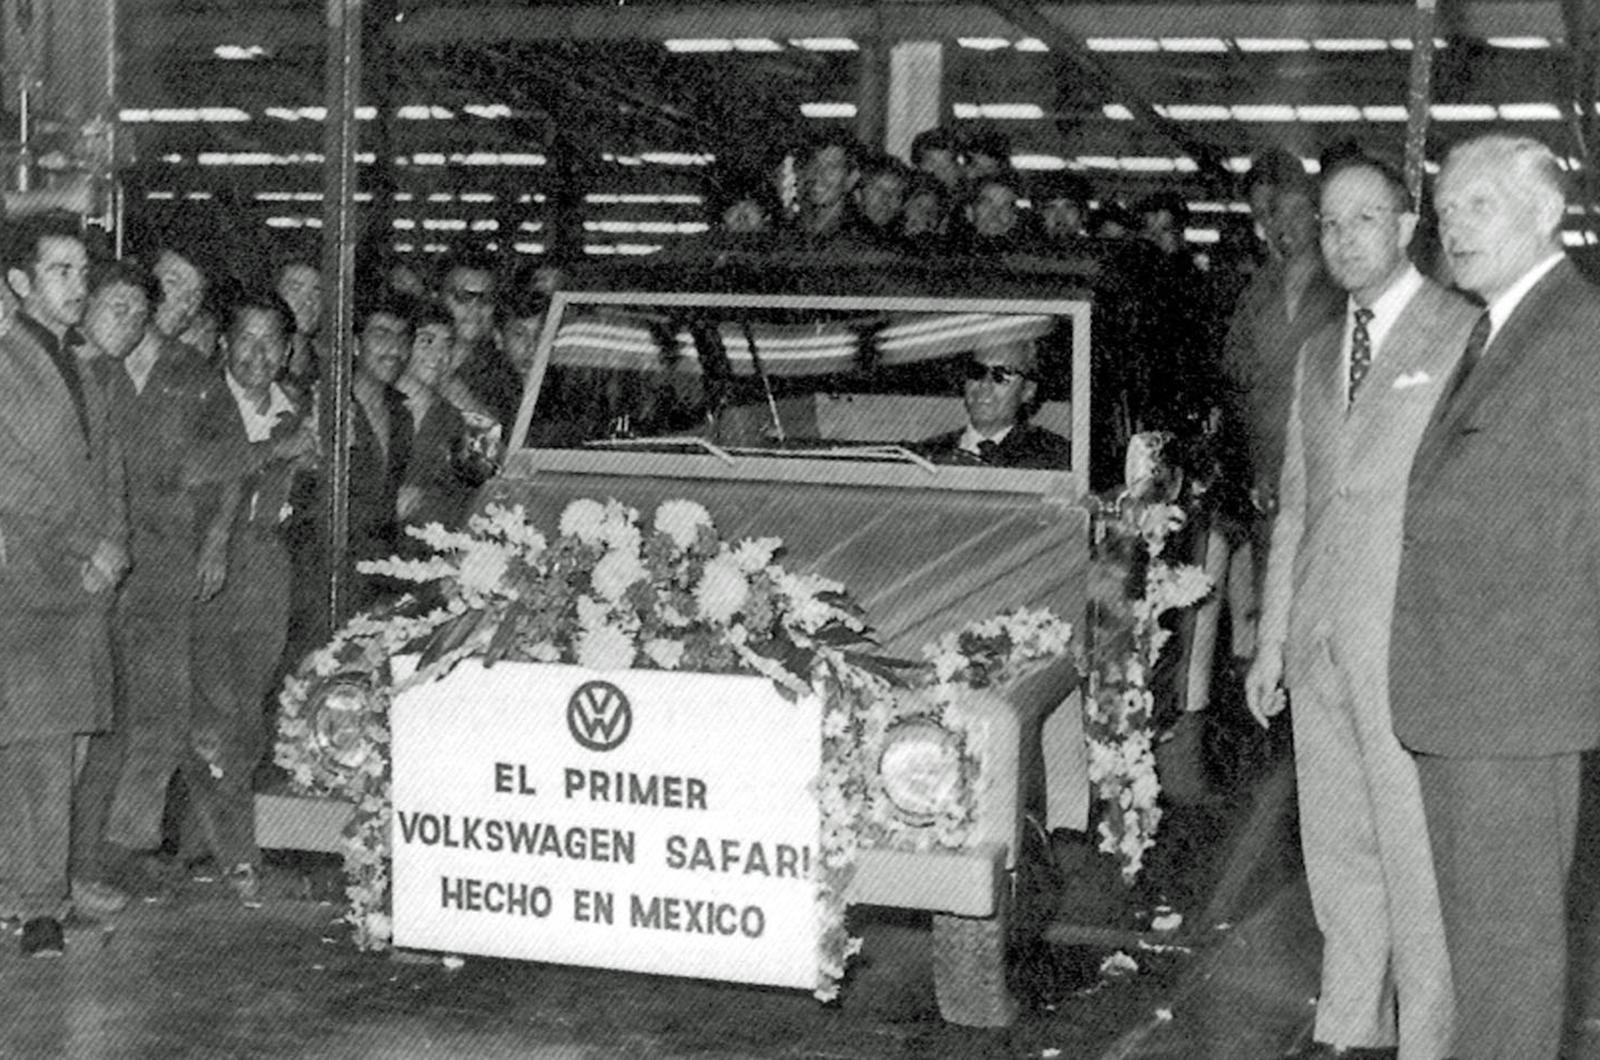 Volkswagen_de_Mxico--12036